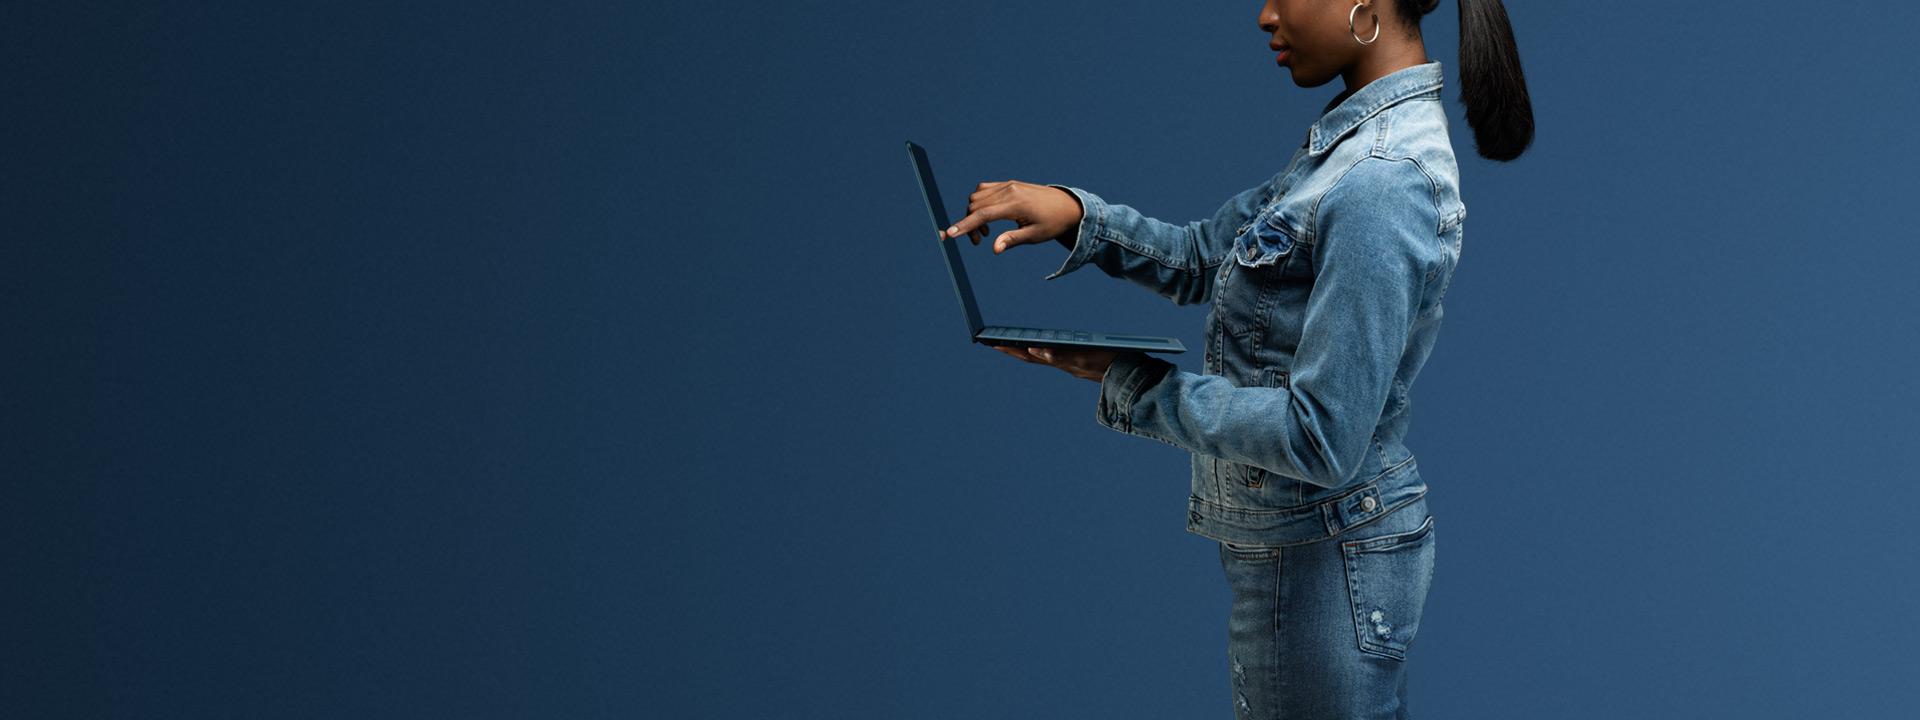 Ein Mädchen hält den Surface Laptop 2, während es den Bildschirm berührt